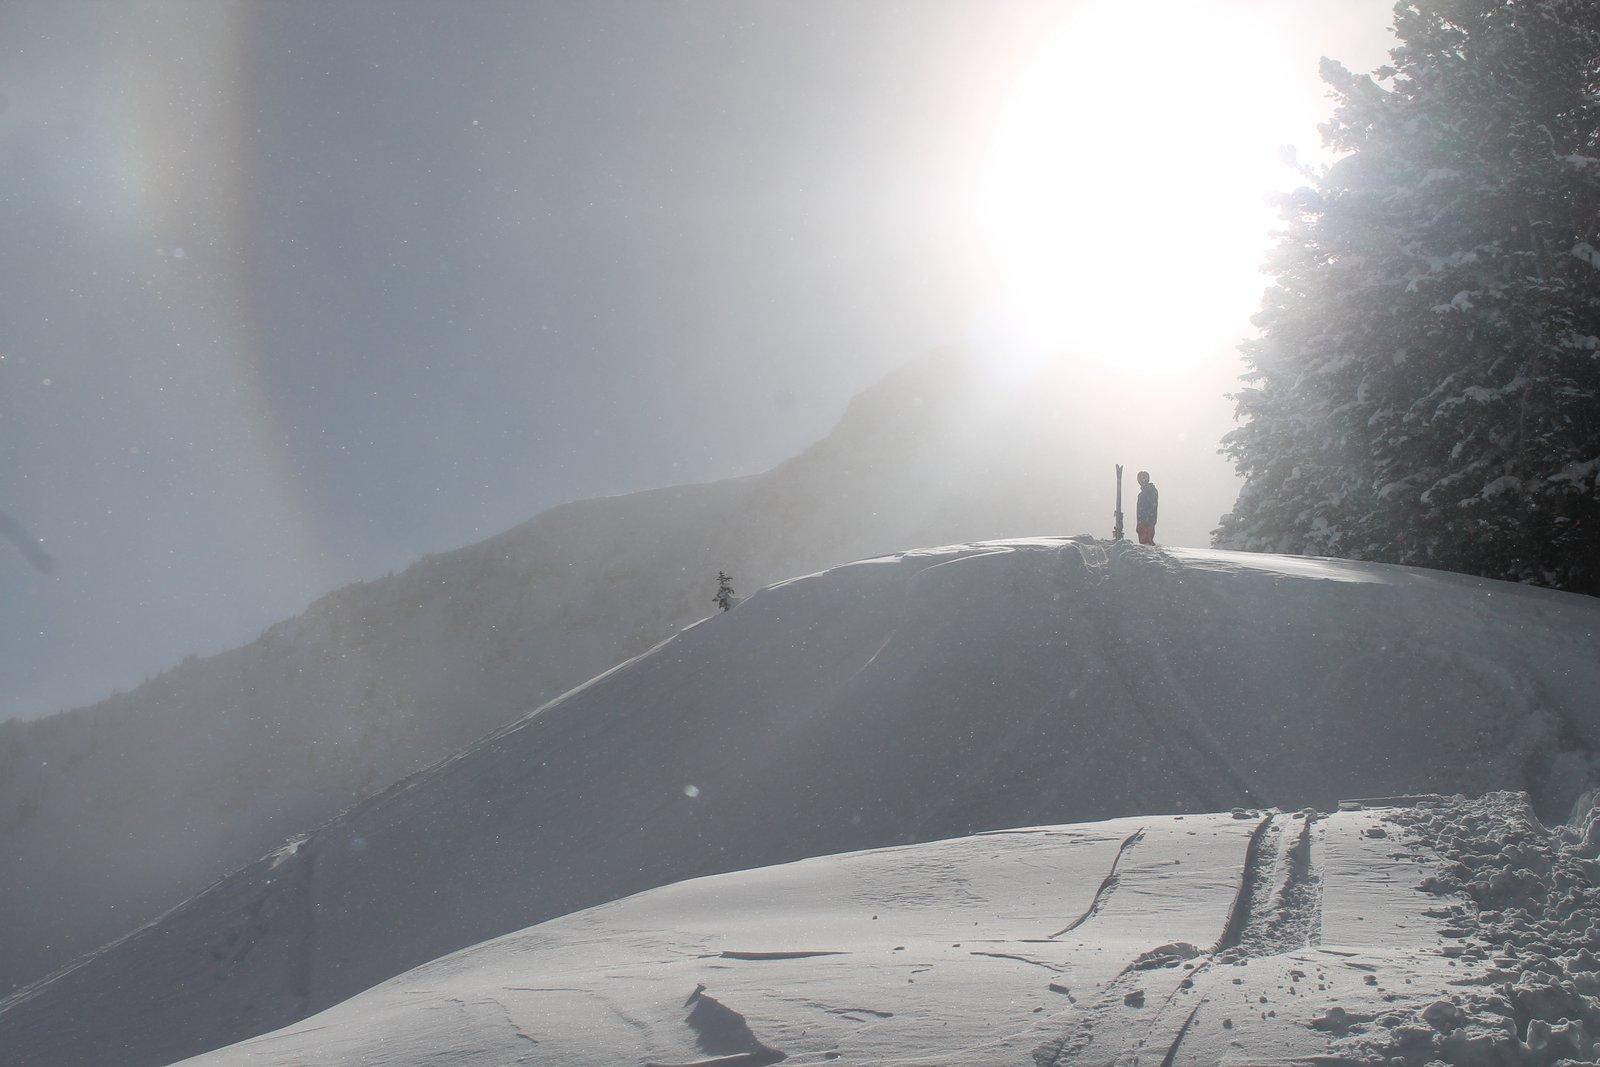 Jesus skis